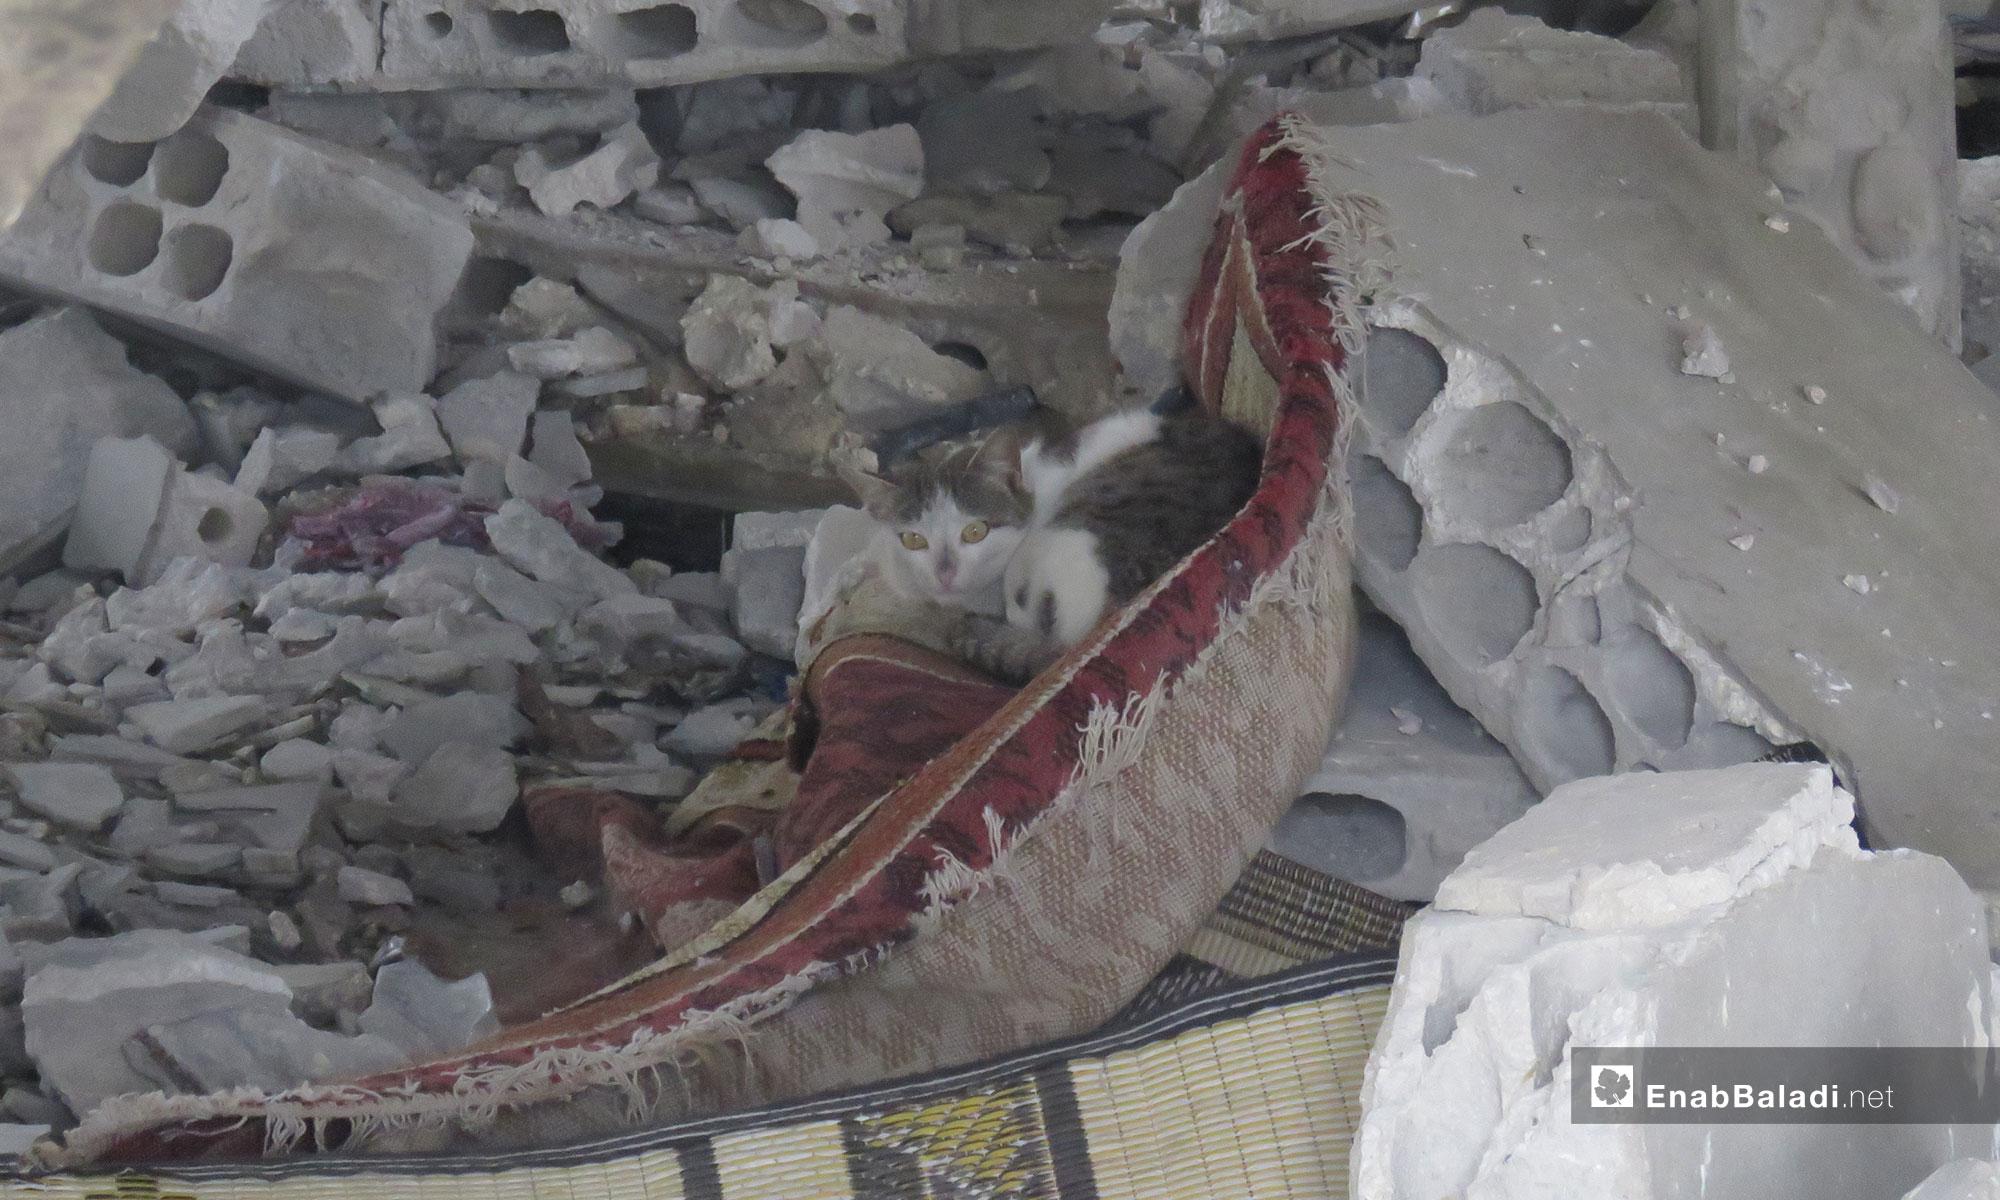 قطة تختبئ بين ركام المنازل في قرية الشريعة  بريف حماة - 31 من آذار 2019 (عنب بلدي)